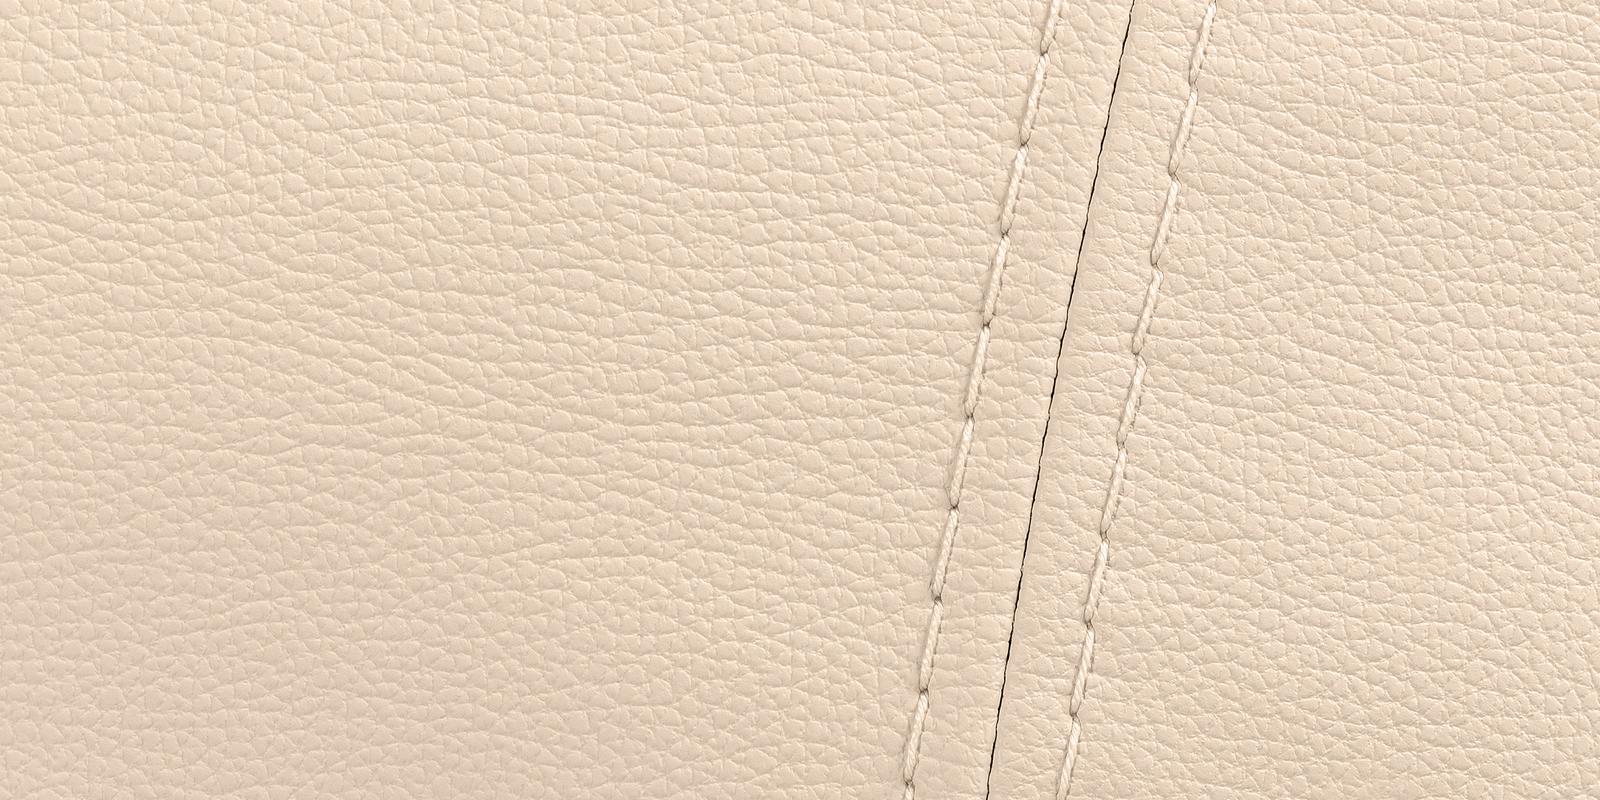 Диван кожаный угловой Бристоль Бежевый (Натуральная кожа, левый) от HomeMe.ru